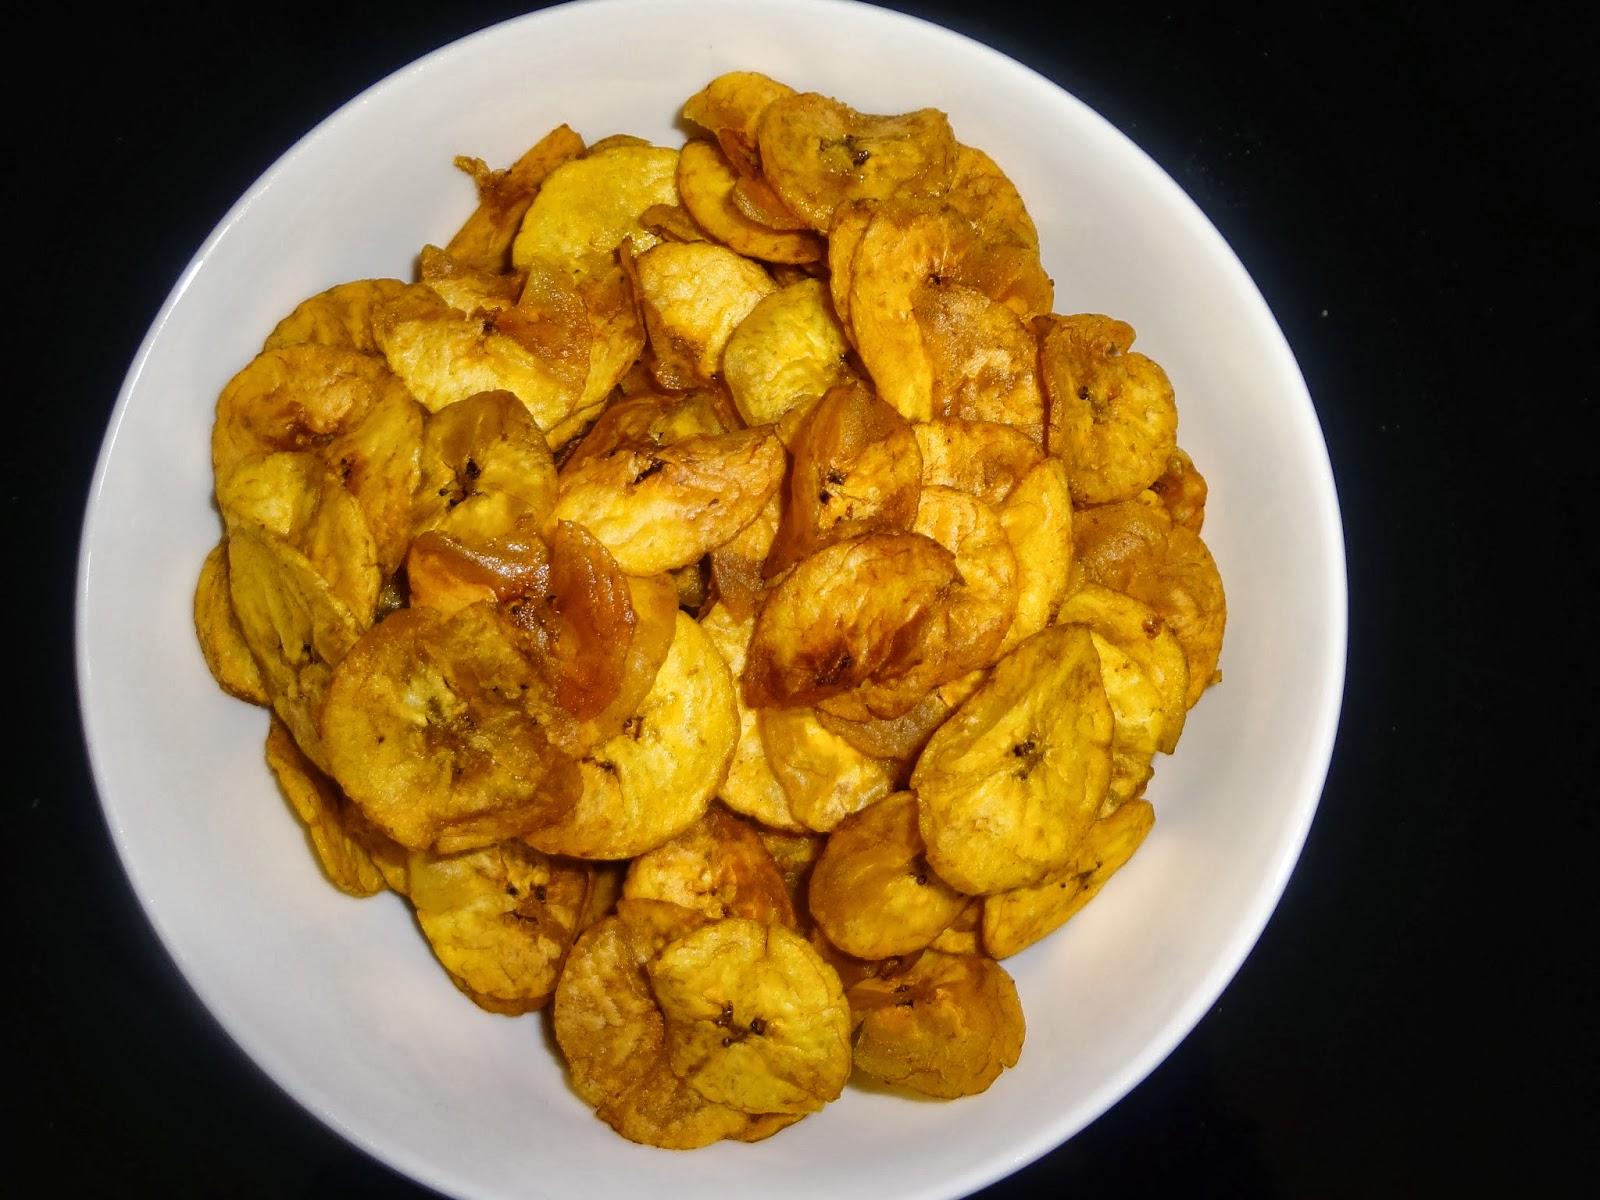 De keuken van de liefde bananenchips - Dressing liefde ...